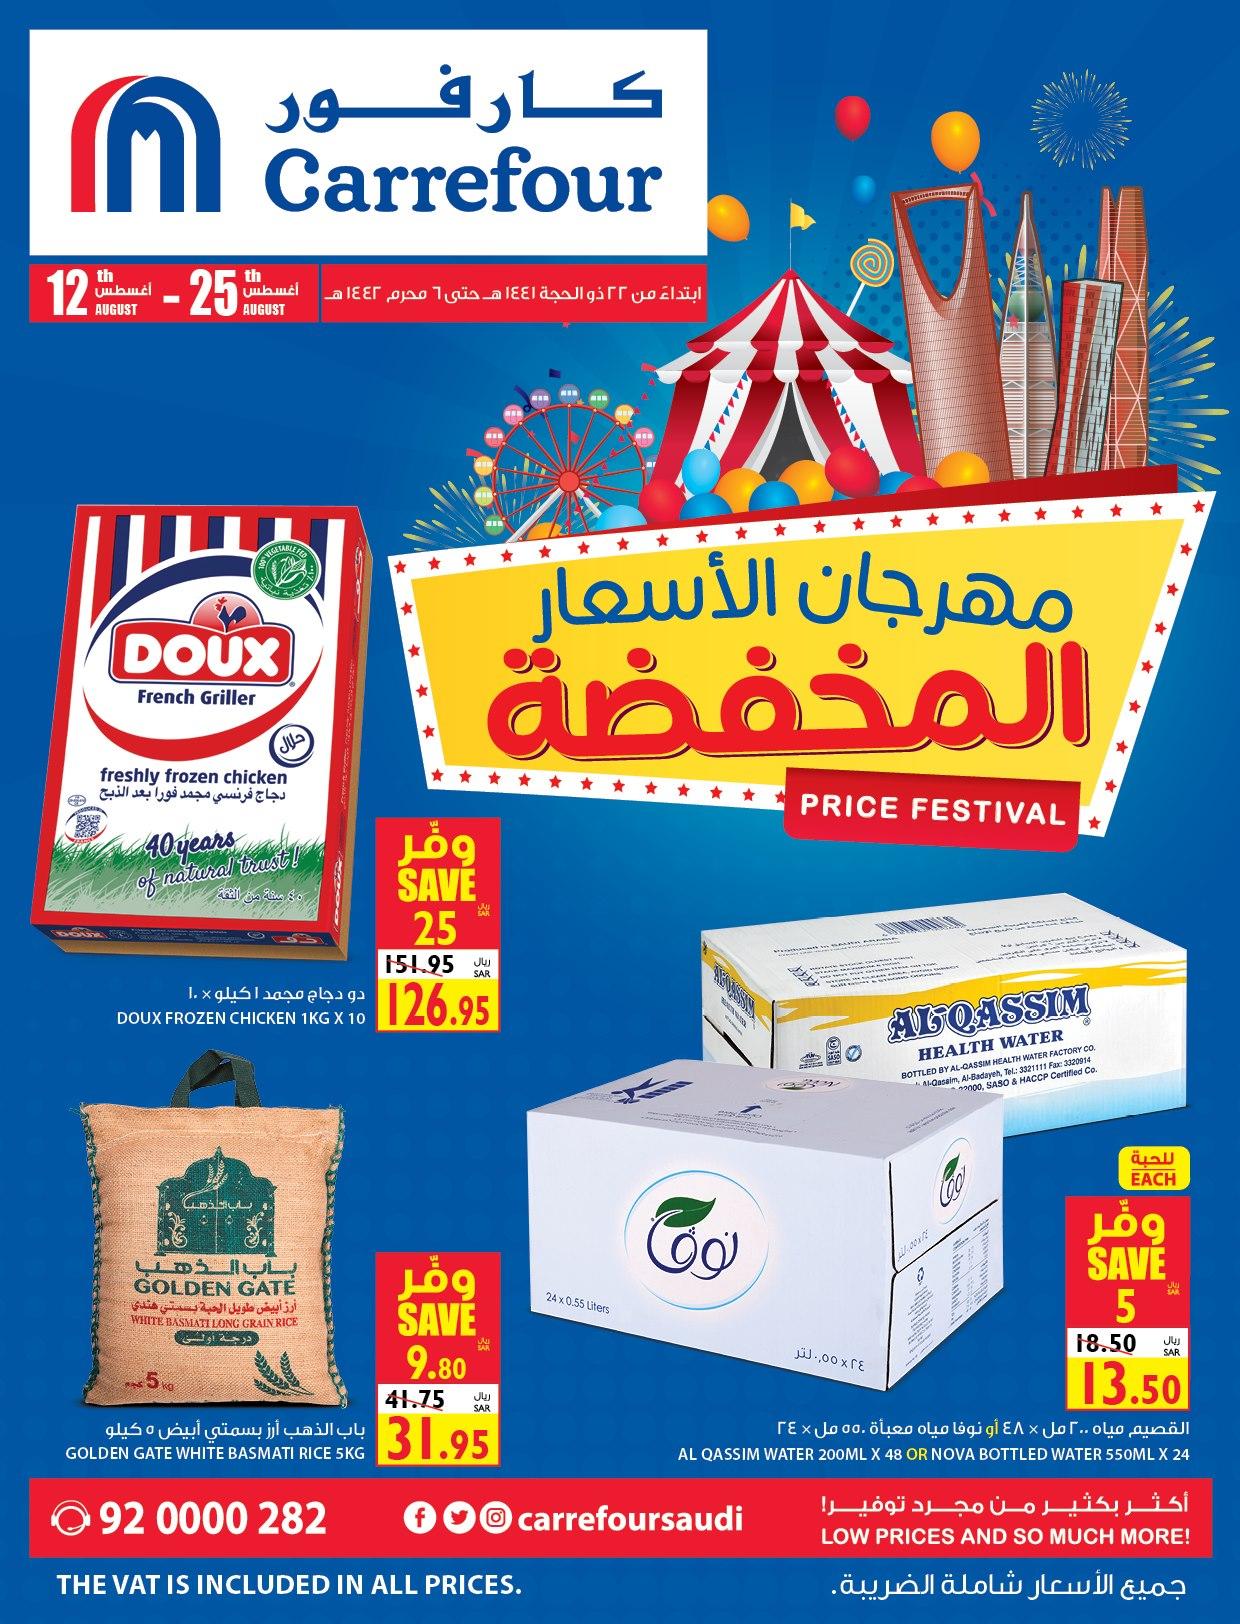 عروض كارفور السعودية اليوم من 12 وحتي 25 أغسطس مهرجان الأسعار المخفضة 1